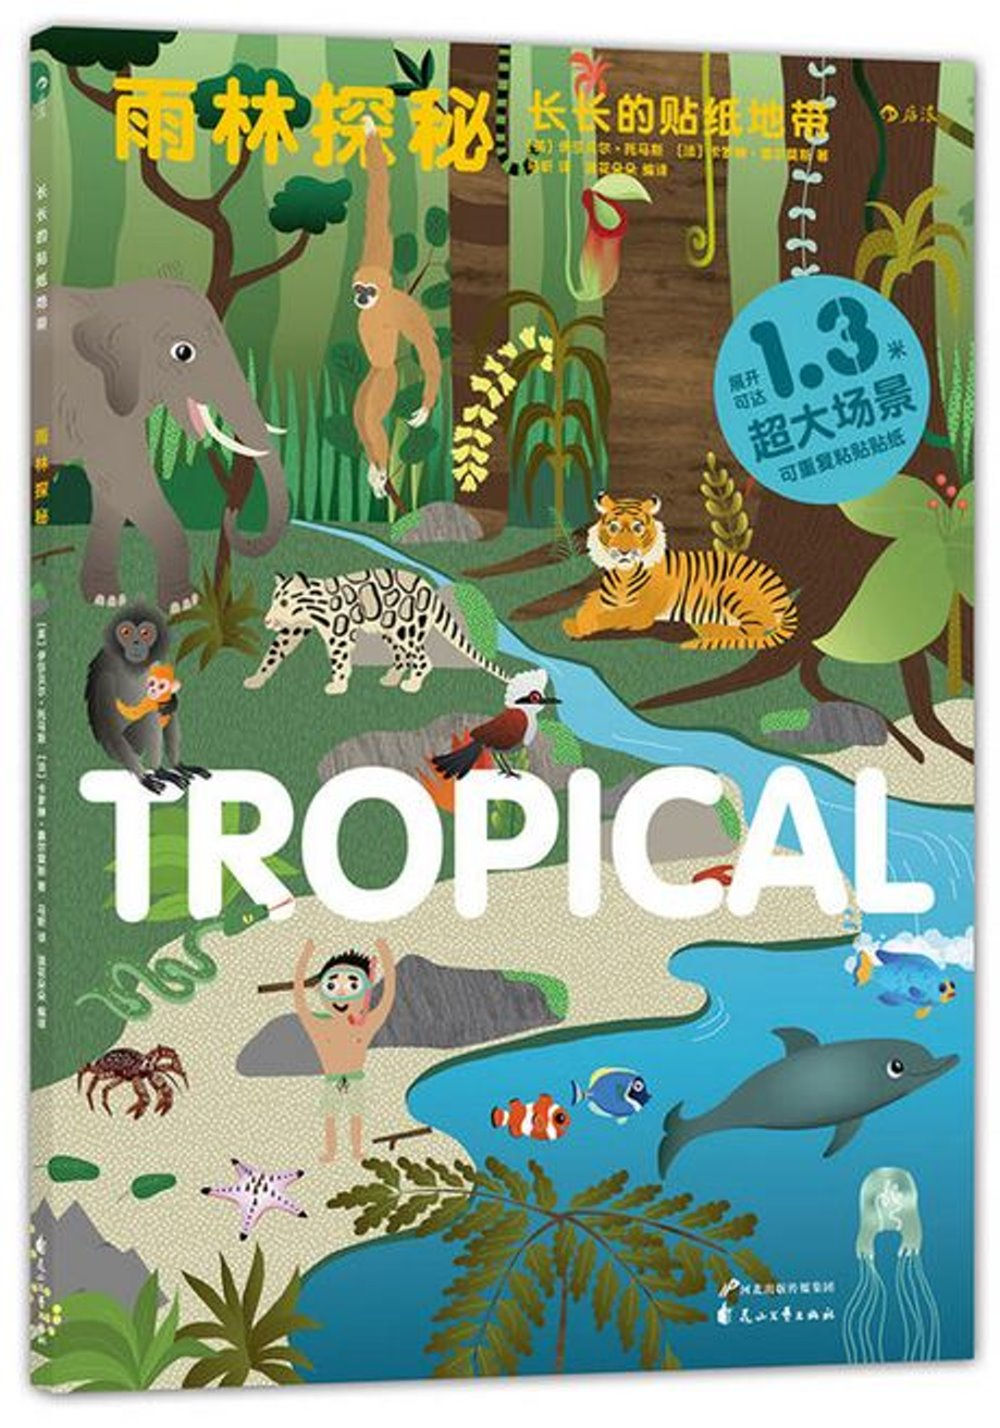 長長的貼紙地帶:雨林探秘